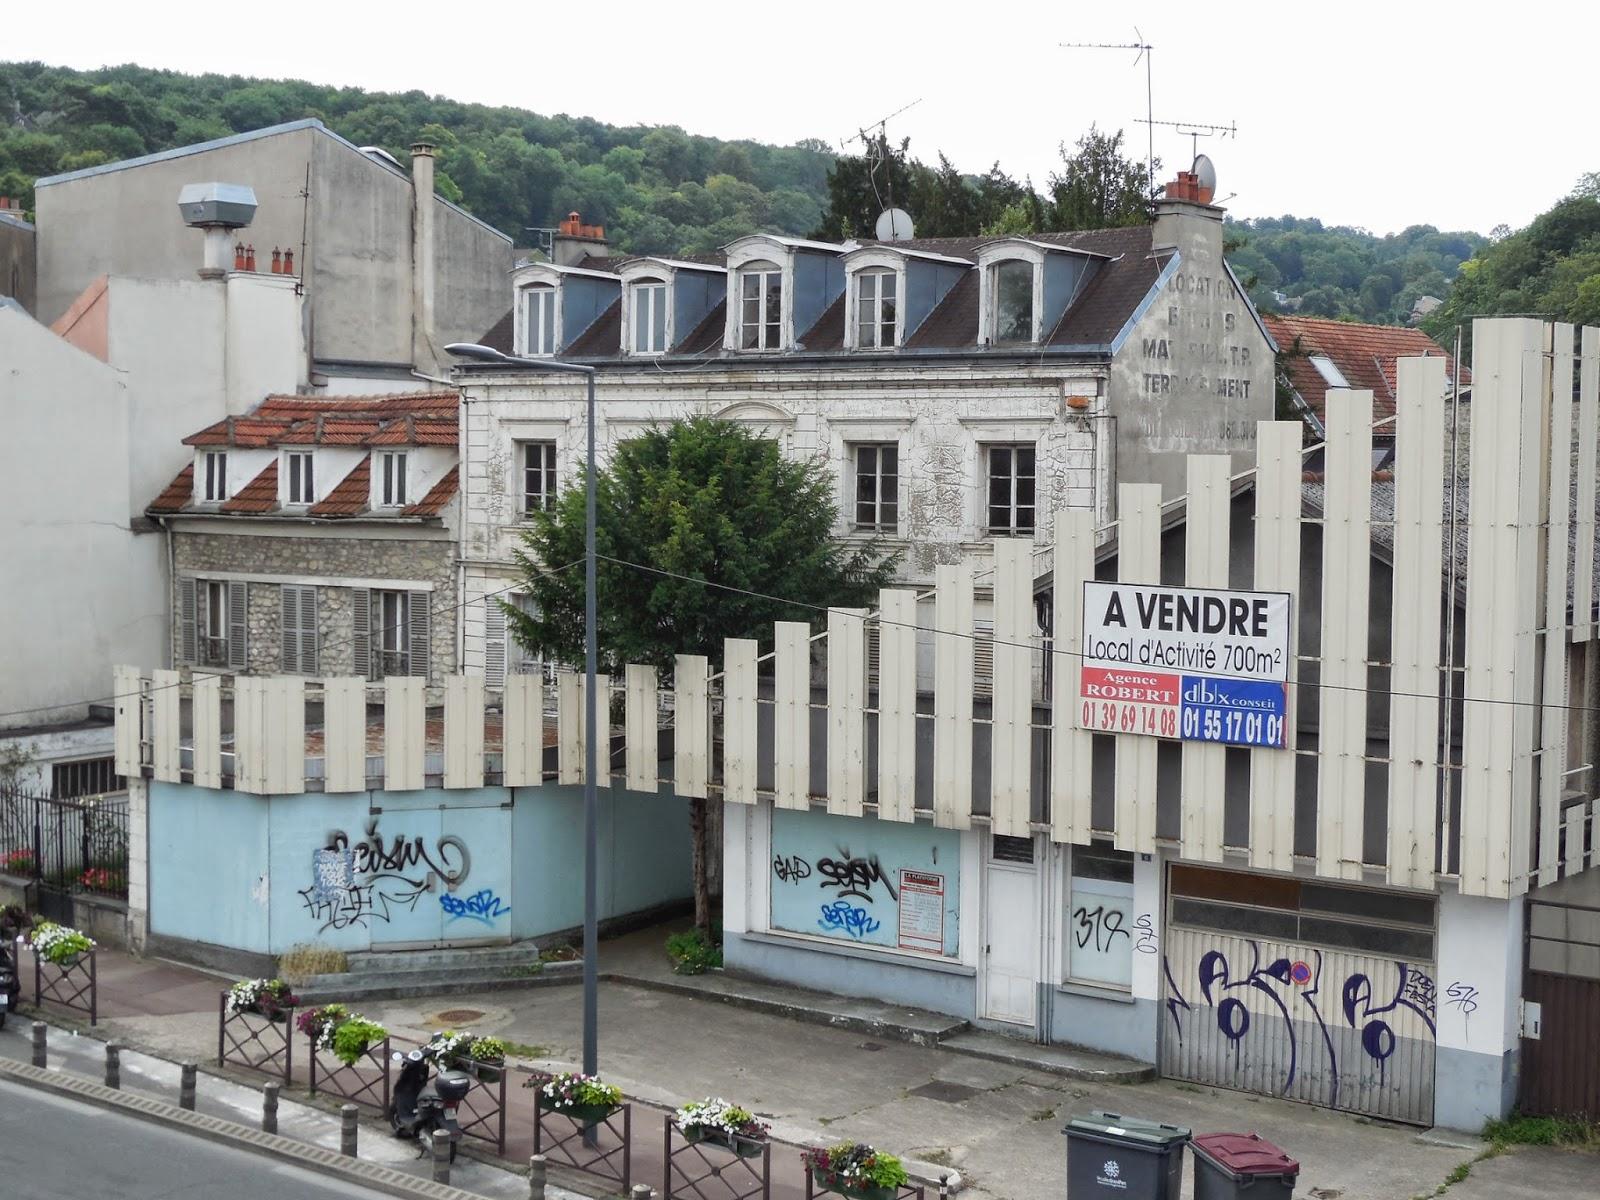 Souvenez vous bougival bougival l 39 ancien hotel for Restaurant bougival